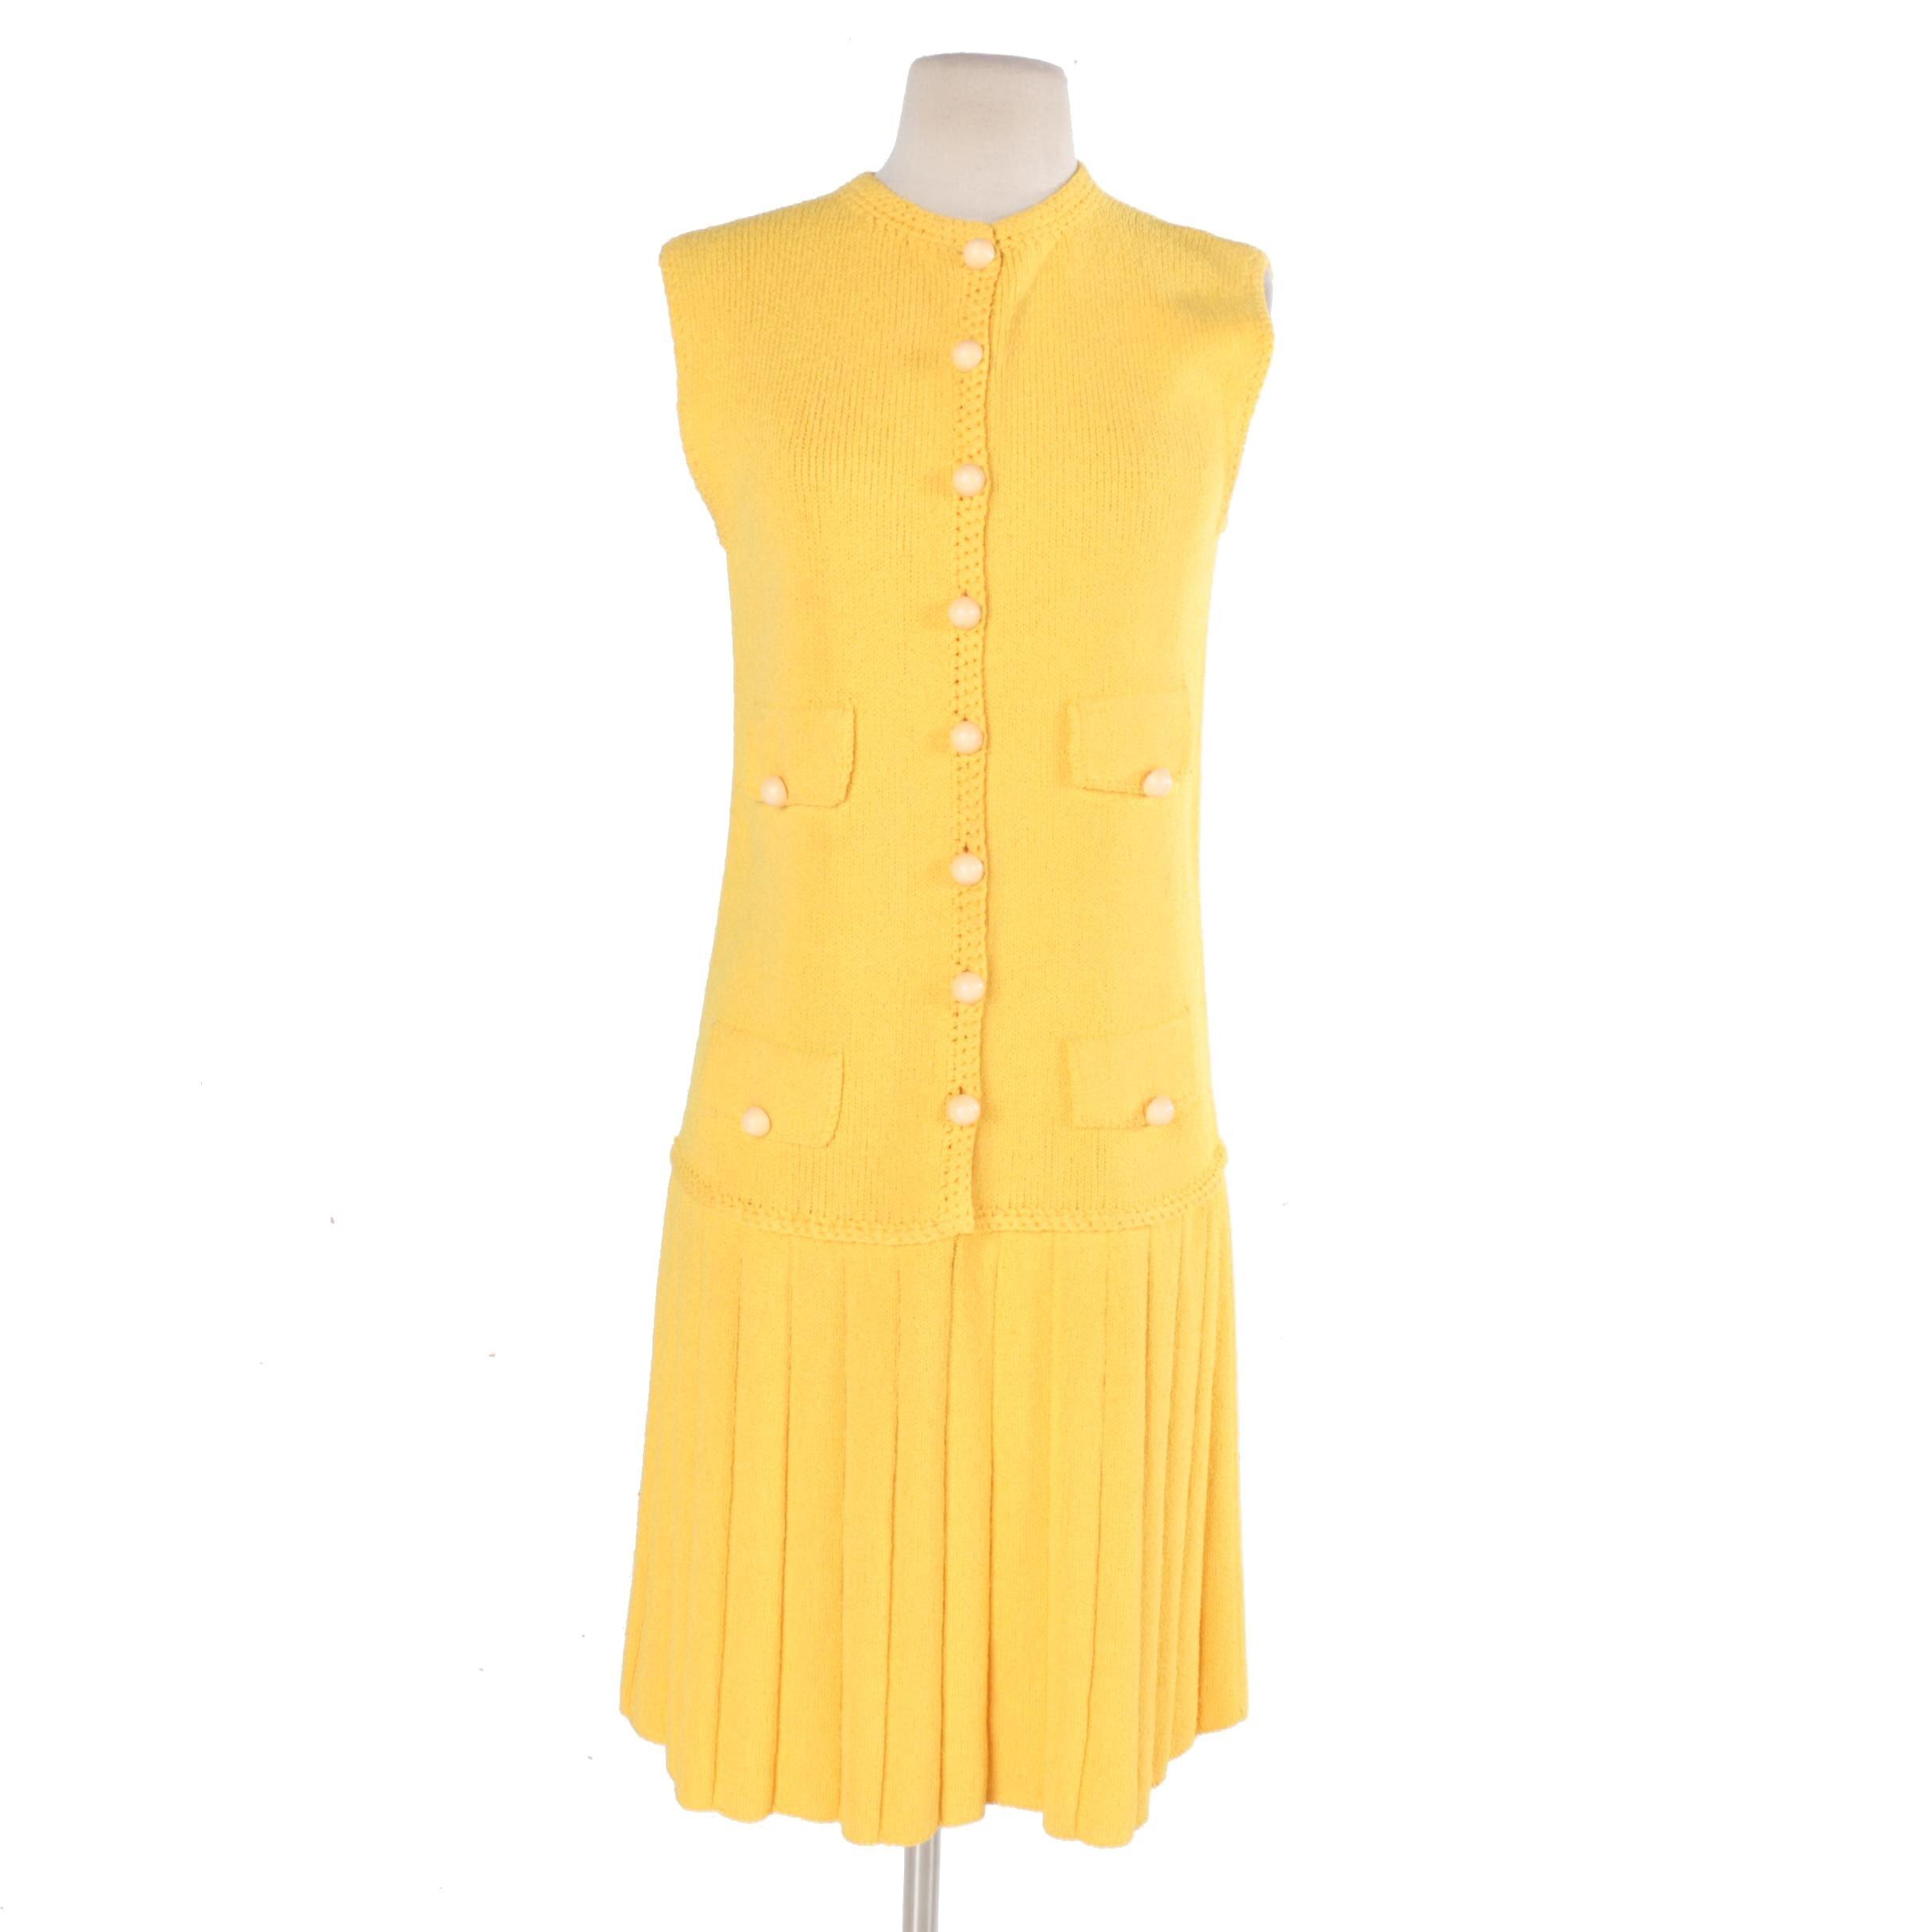 Vintage St. John Knits Sleeveless Yellow Knit Dress